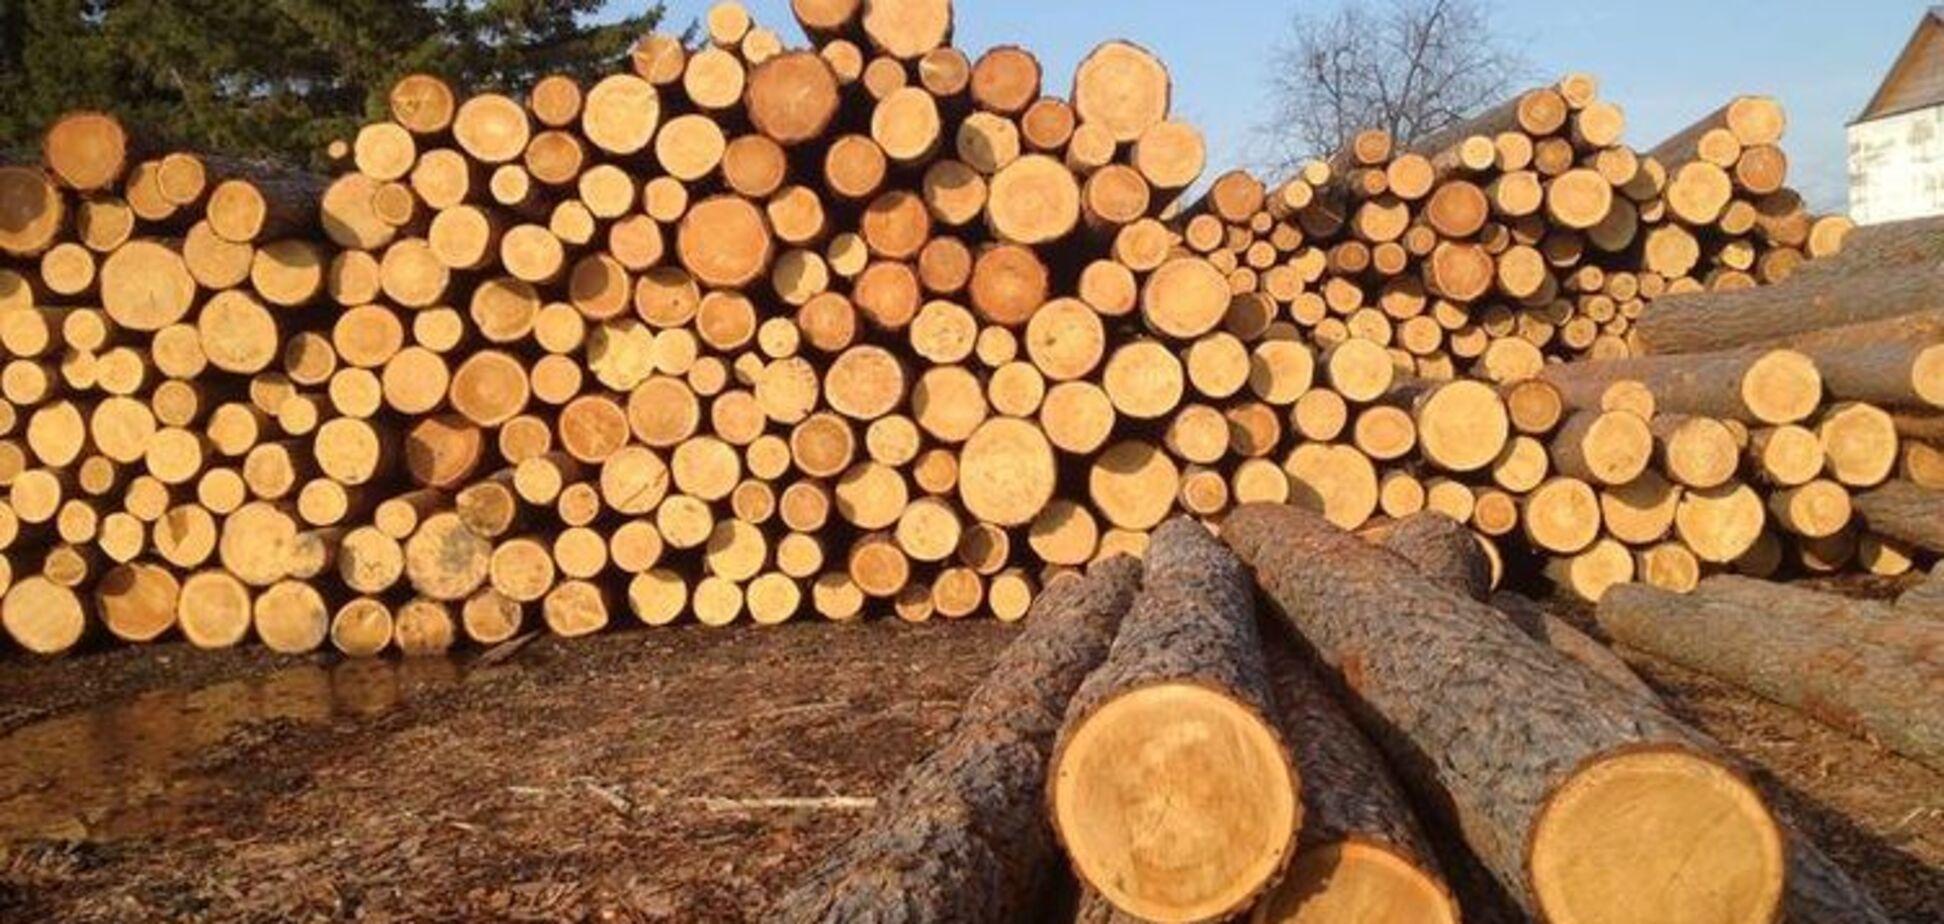 Мартинюк: експортувати потрібно продукцію, а не сировинну деревину